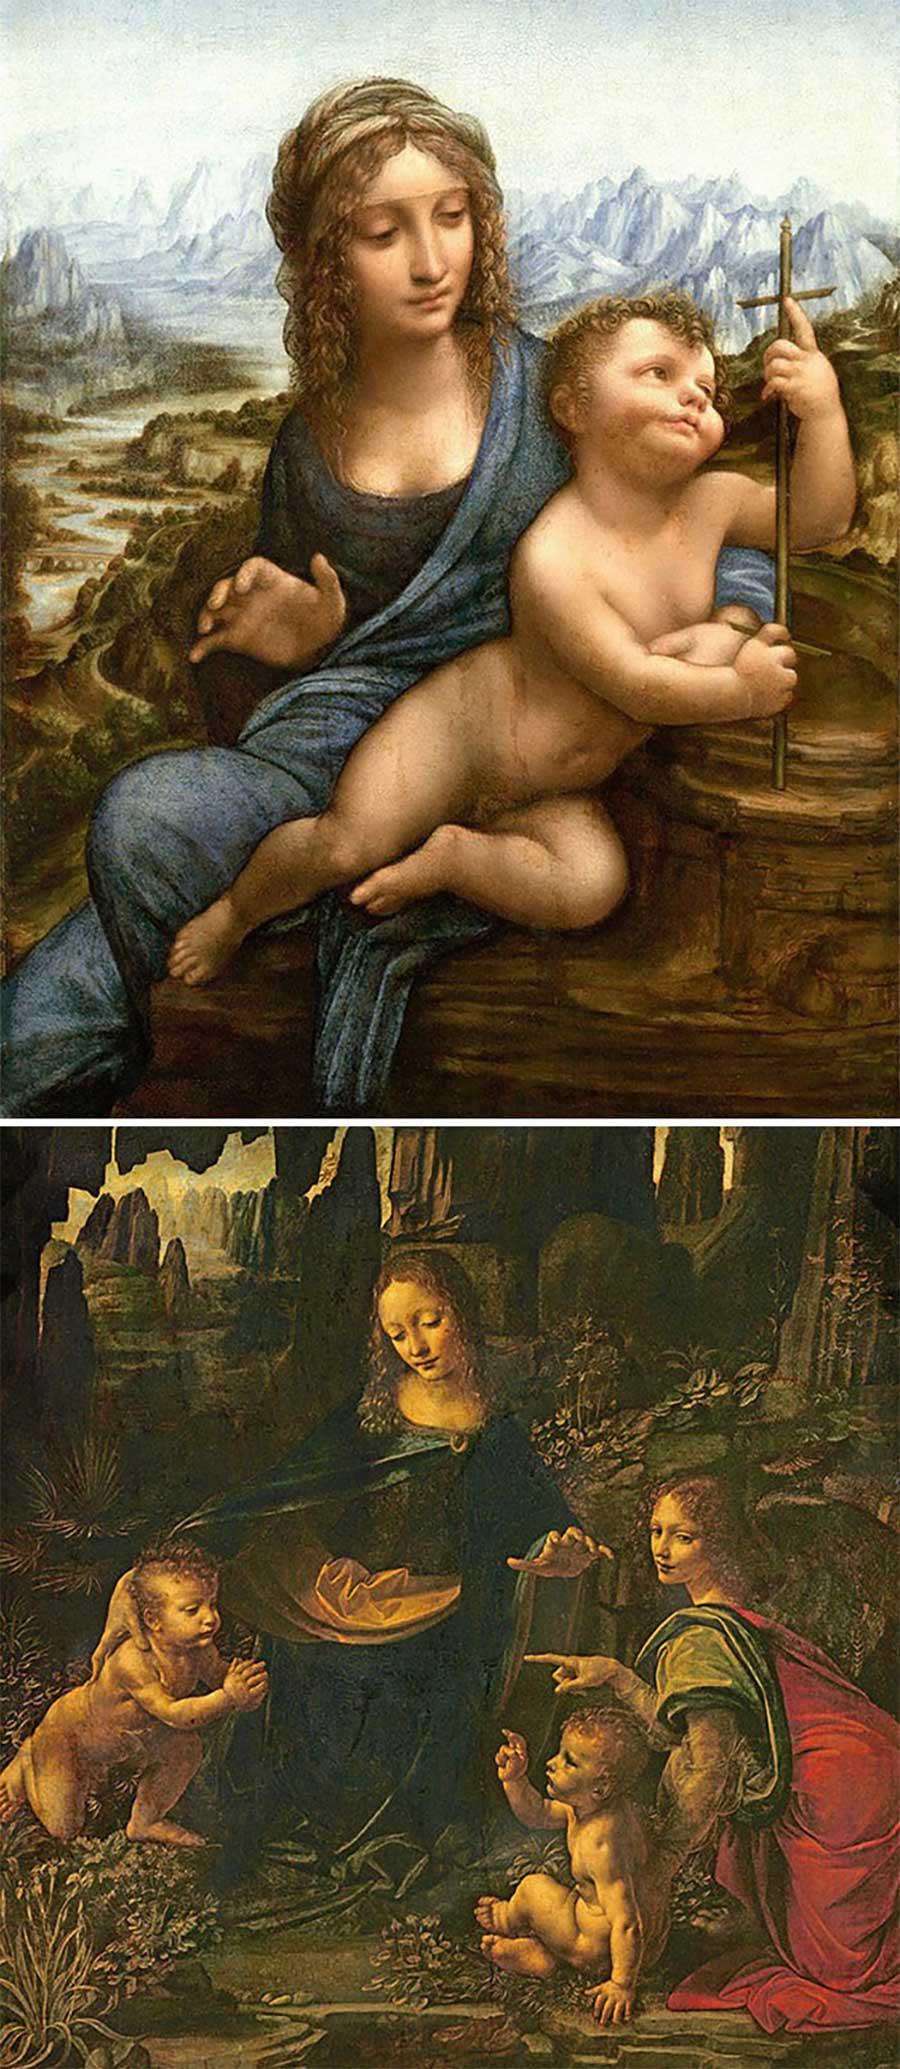 Ulkige Merkmale, woran man erkennen kann, welcher Künstler ein Gemälde gemalt hat gemaelde-malern-zuordnen-fun_06